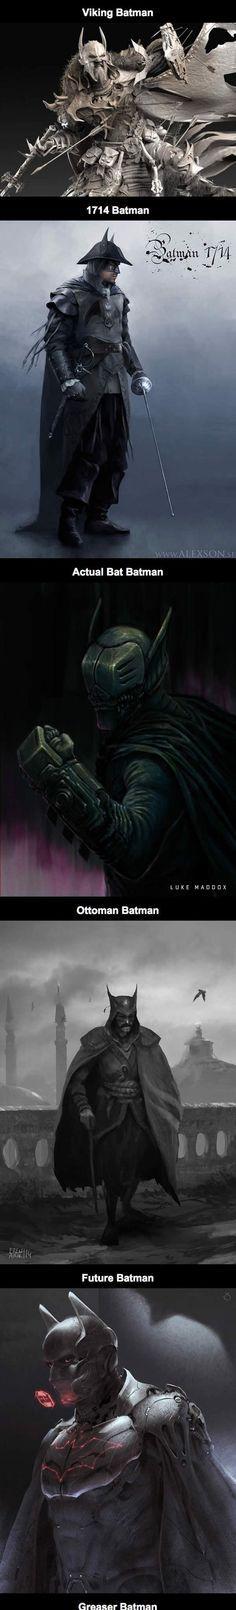 Batmans alternativos